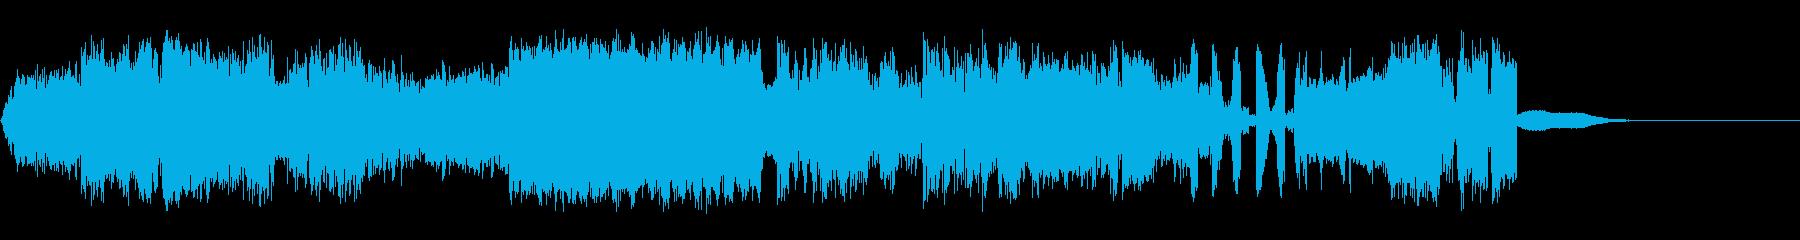 巻き戻しの再生済みの波形